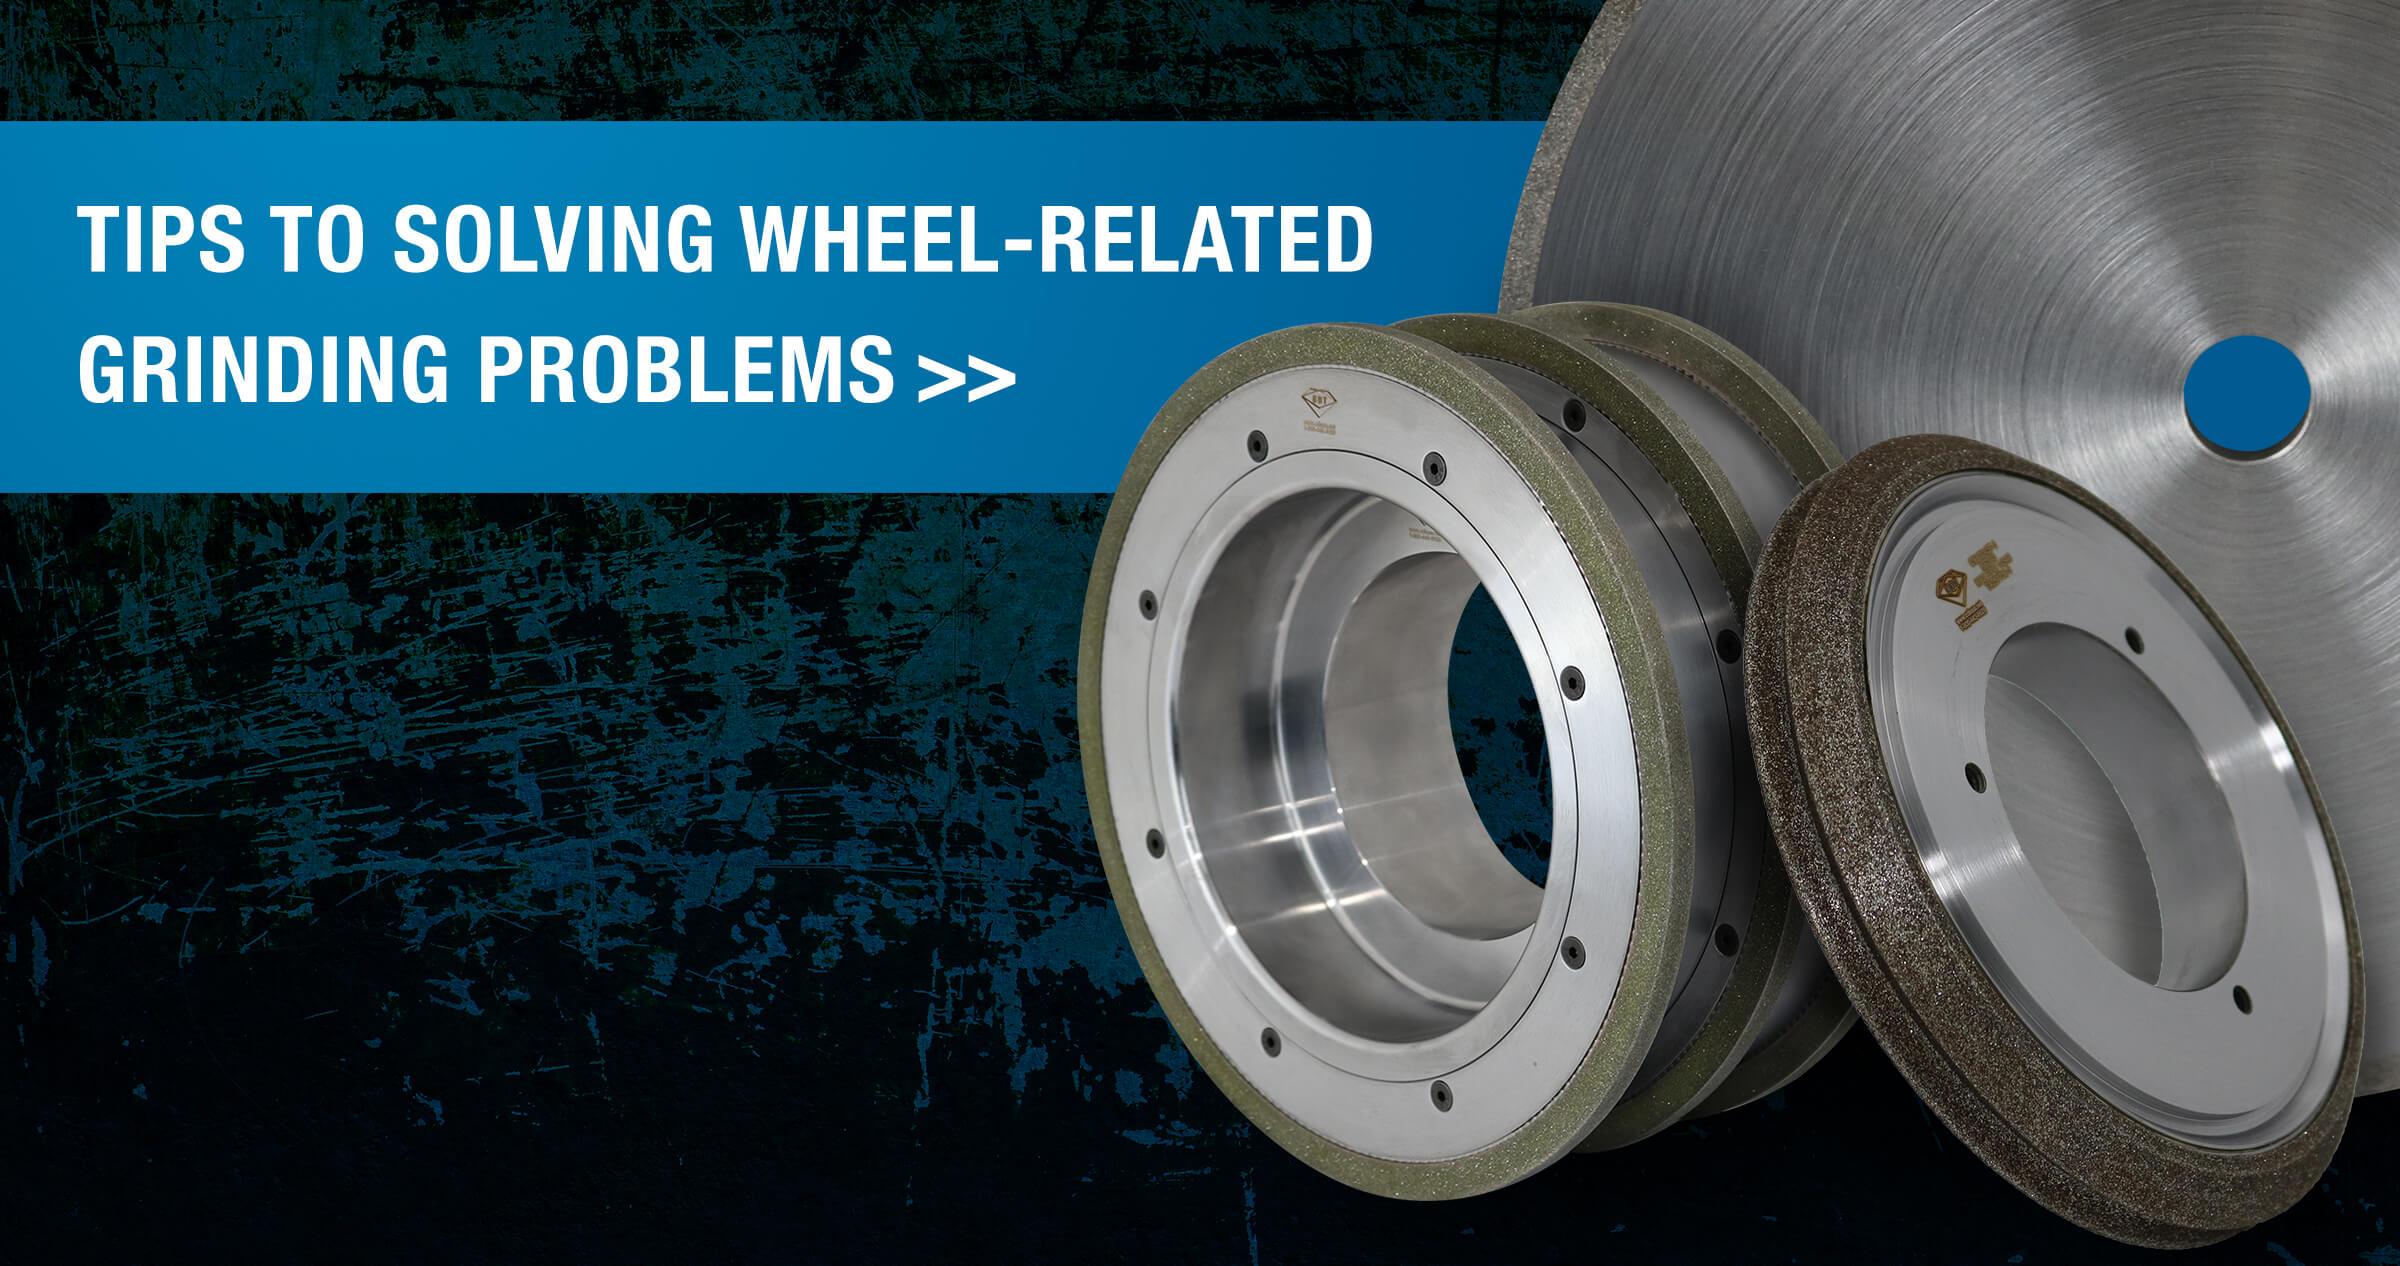 Tips-Solving-Wheel-Related-Grinding-Problems-Blog.jpg